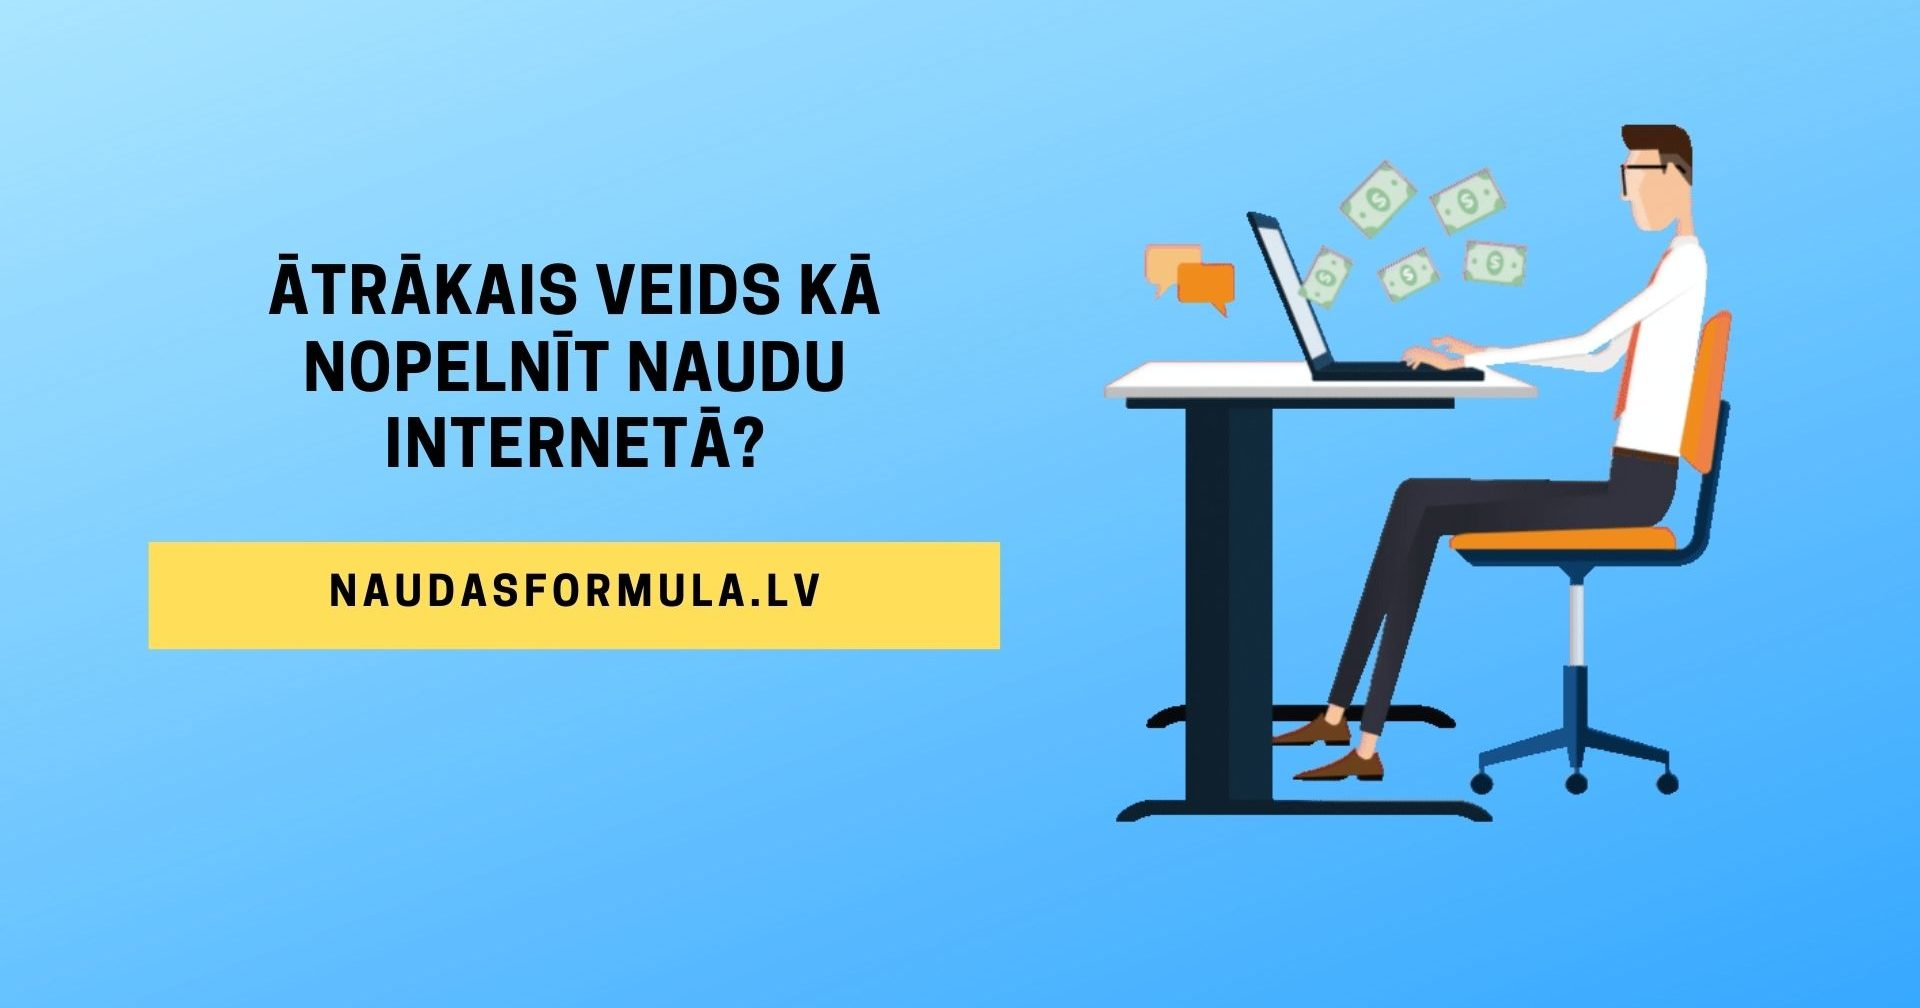 kā es varu ātri nopelnīt naudu latvija vai bitkoins nopelna jums naudu